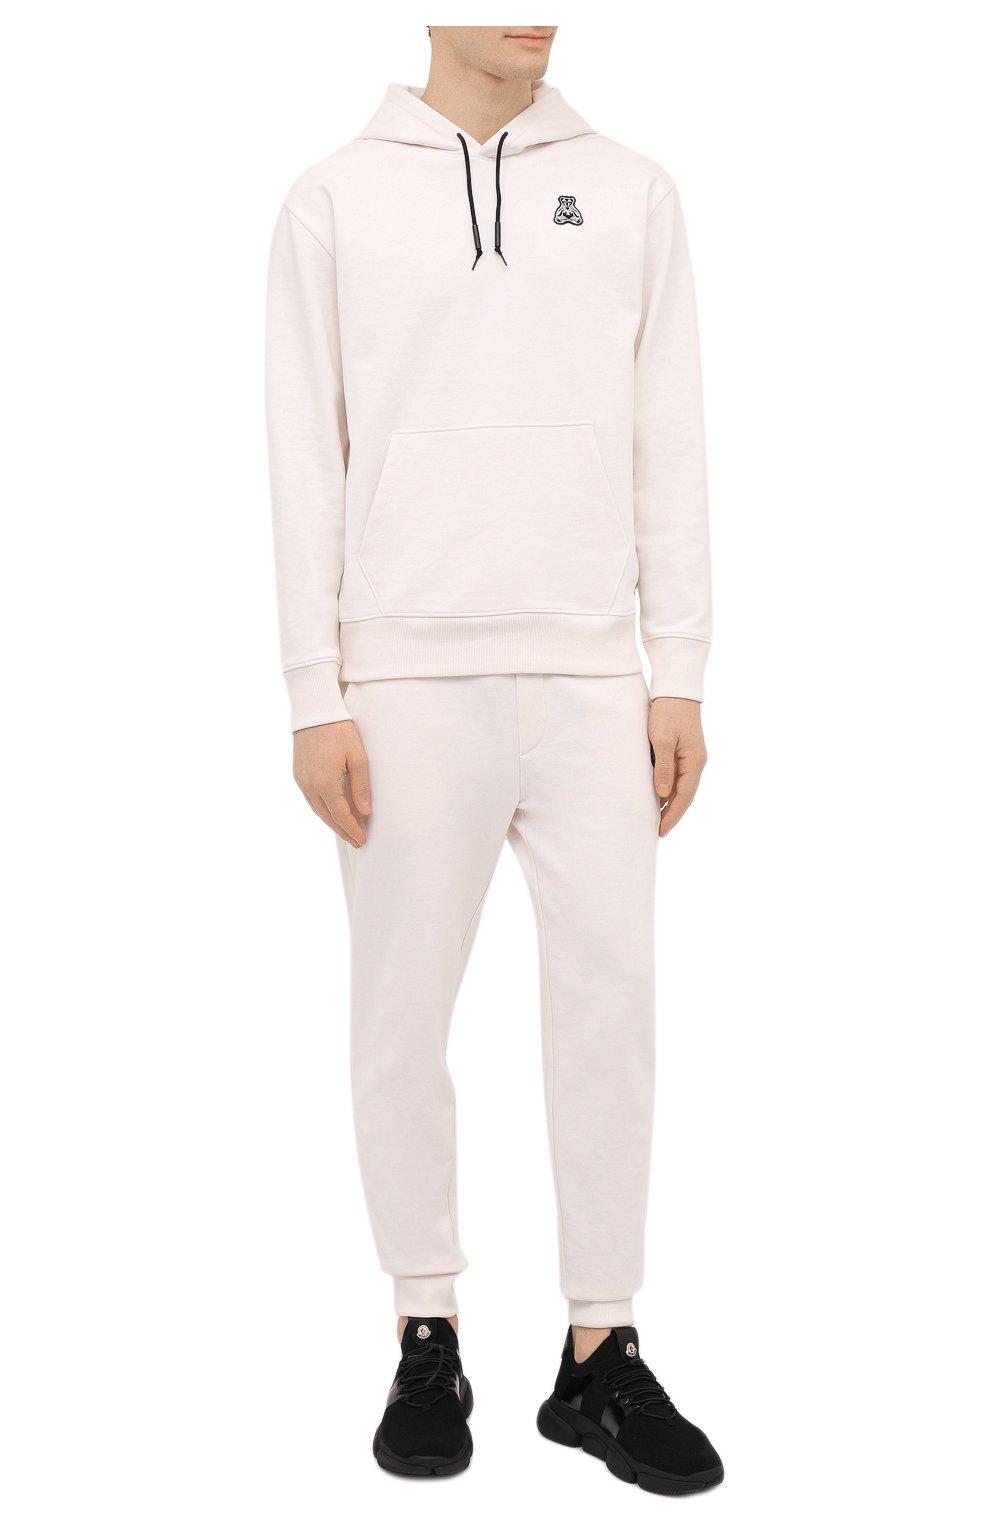 Мужские хлопковые джоггеры HUGO белого цвета, арт. 50452628 | Фото 2 (Мужское Кросс-КТ: Брюки-трикотаж; Длина (брюки, джинсы): Стандартные; Кросс-КТ: Спорт; Материал внешний: Хлопок; Стили: Спорт-шик; Силуэт М (брюки): Джоггеры)